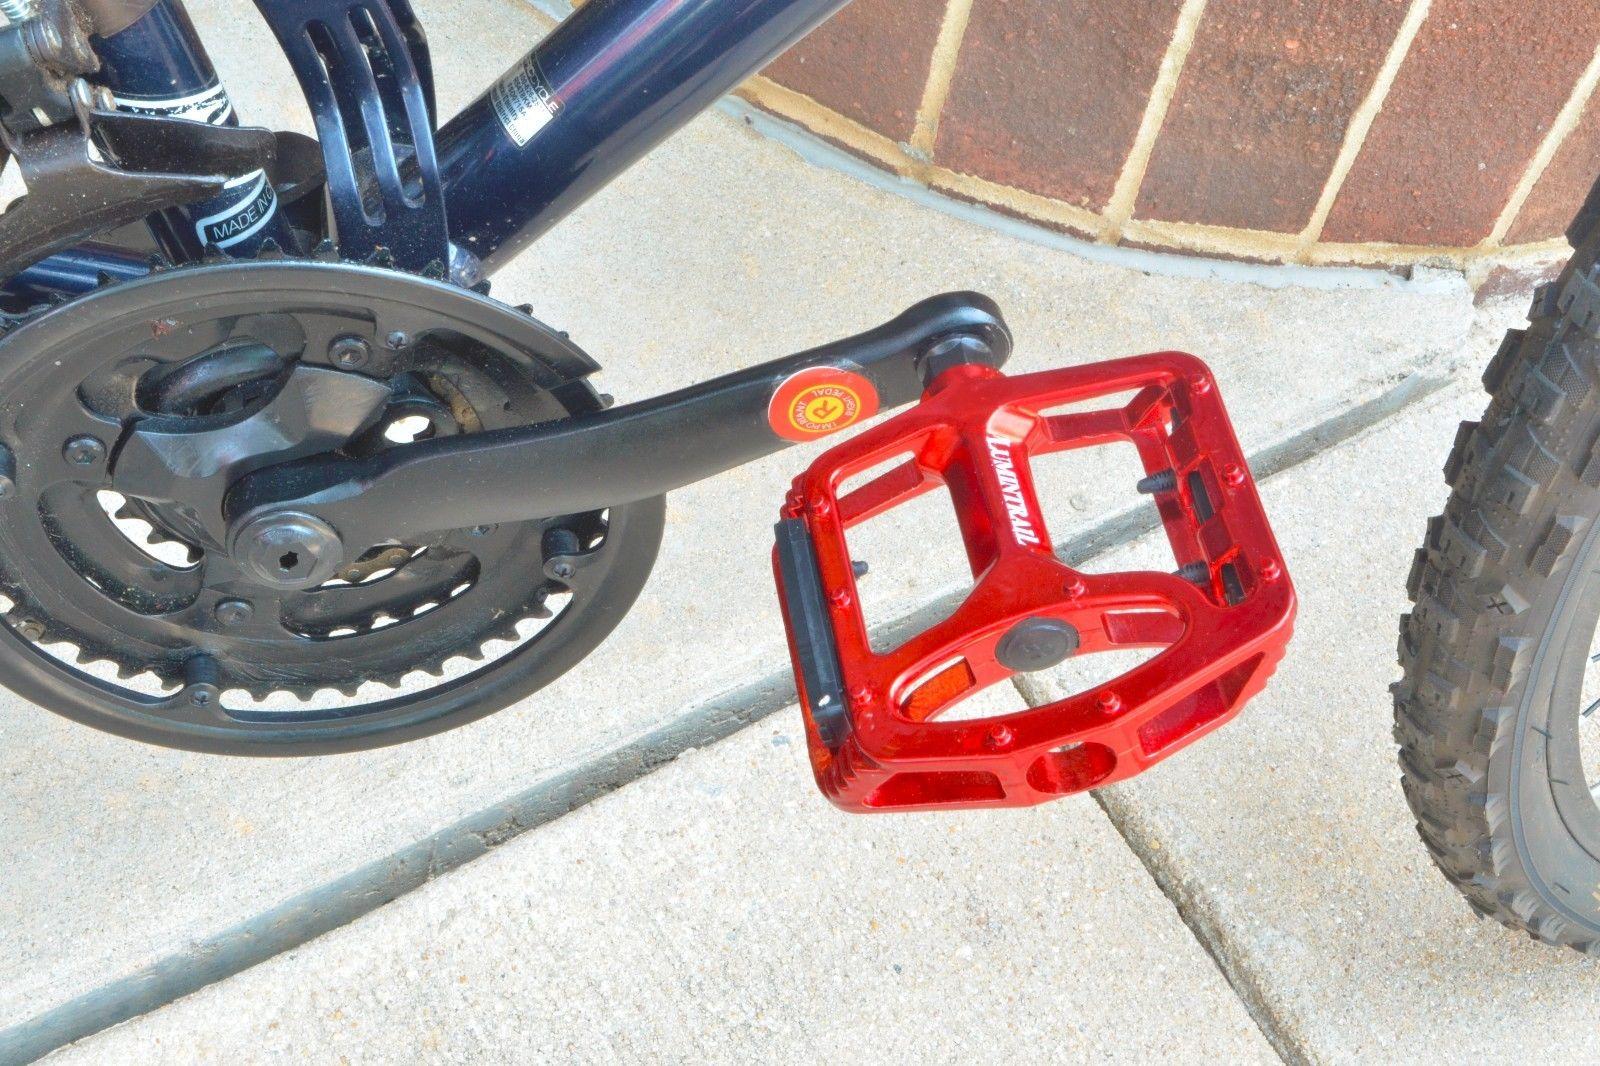 Lumintrail-Big-Foot-Bike-Pedals-Road-MTB-BMX-Aluminum-Alloy-Flat-Platform-9-16-034 thumbnail 19